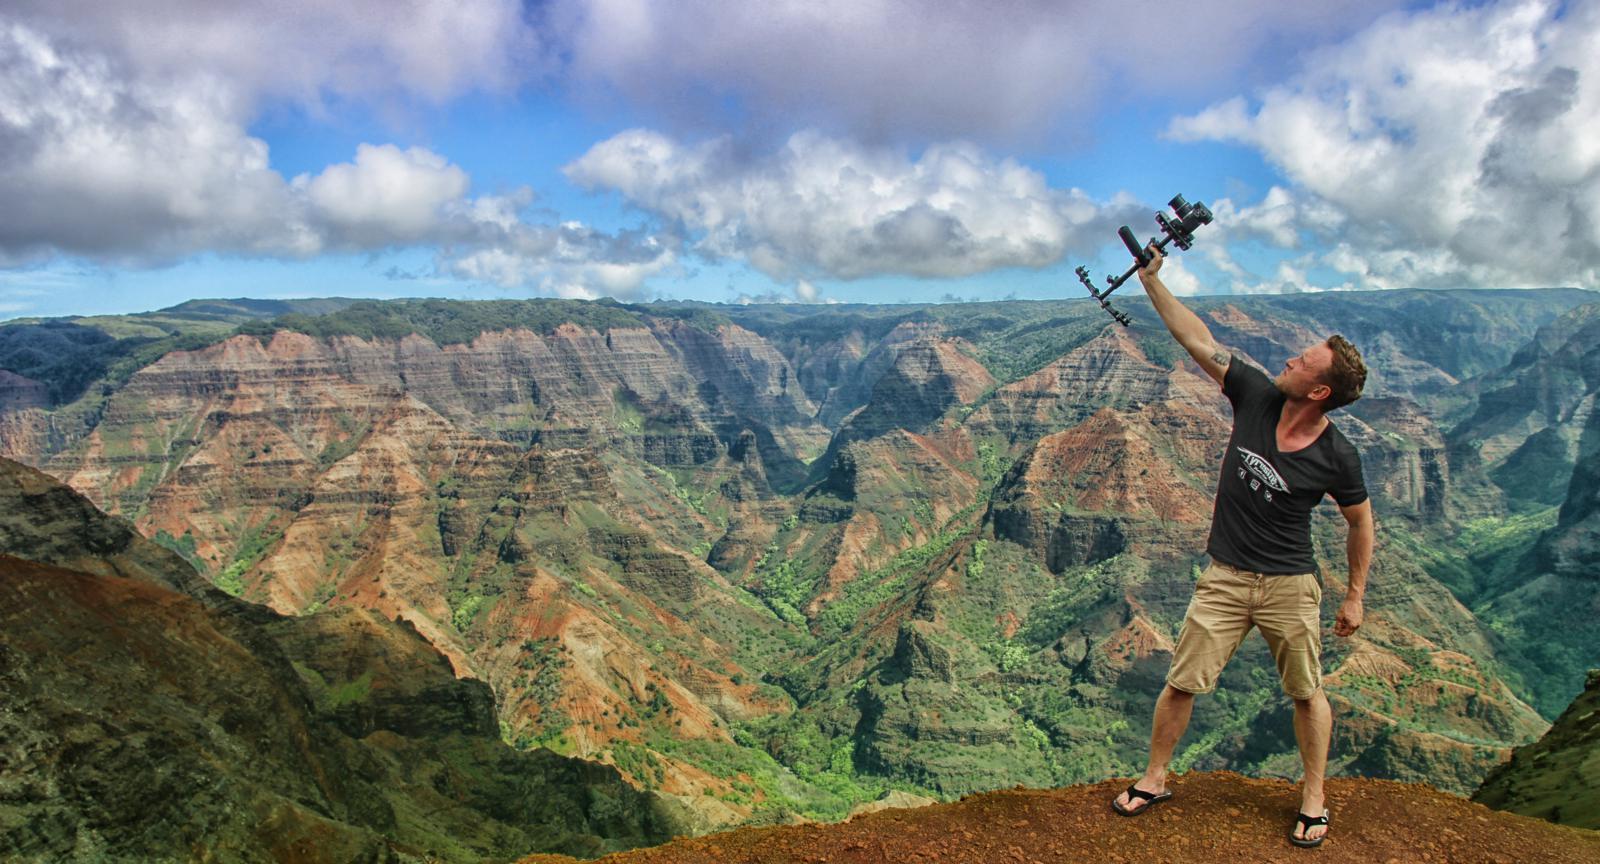 #Tyrotrip – Eine fotografische Reise um die Welt